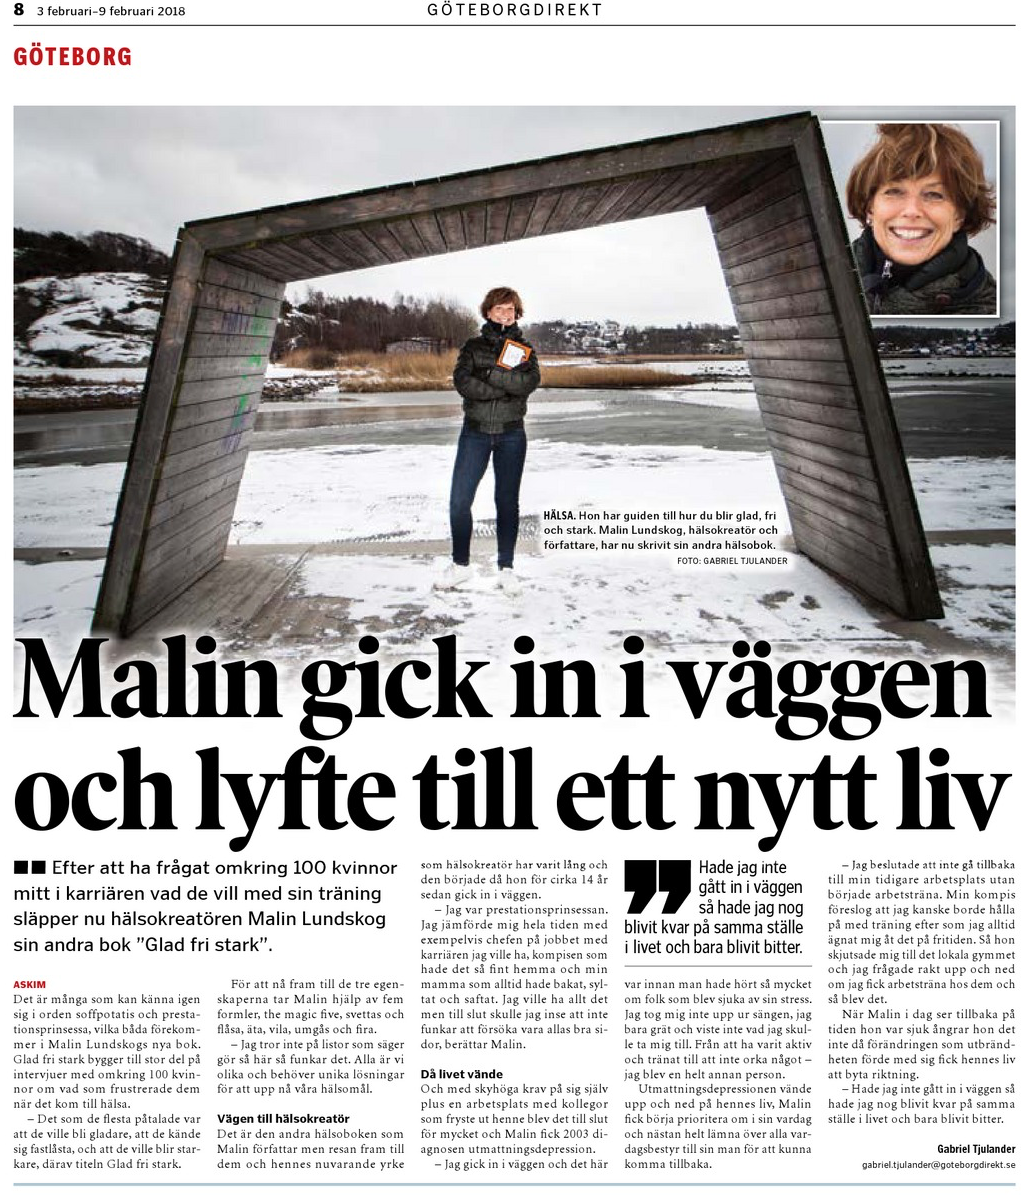 göteborgdirekt, författare Malin Lundskog